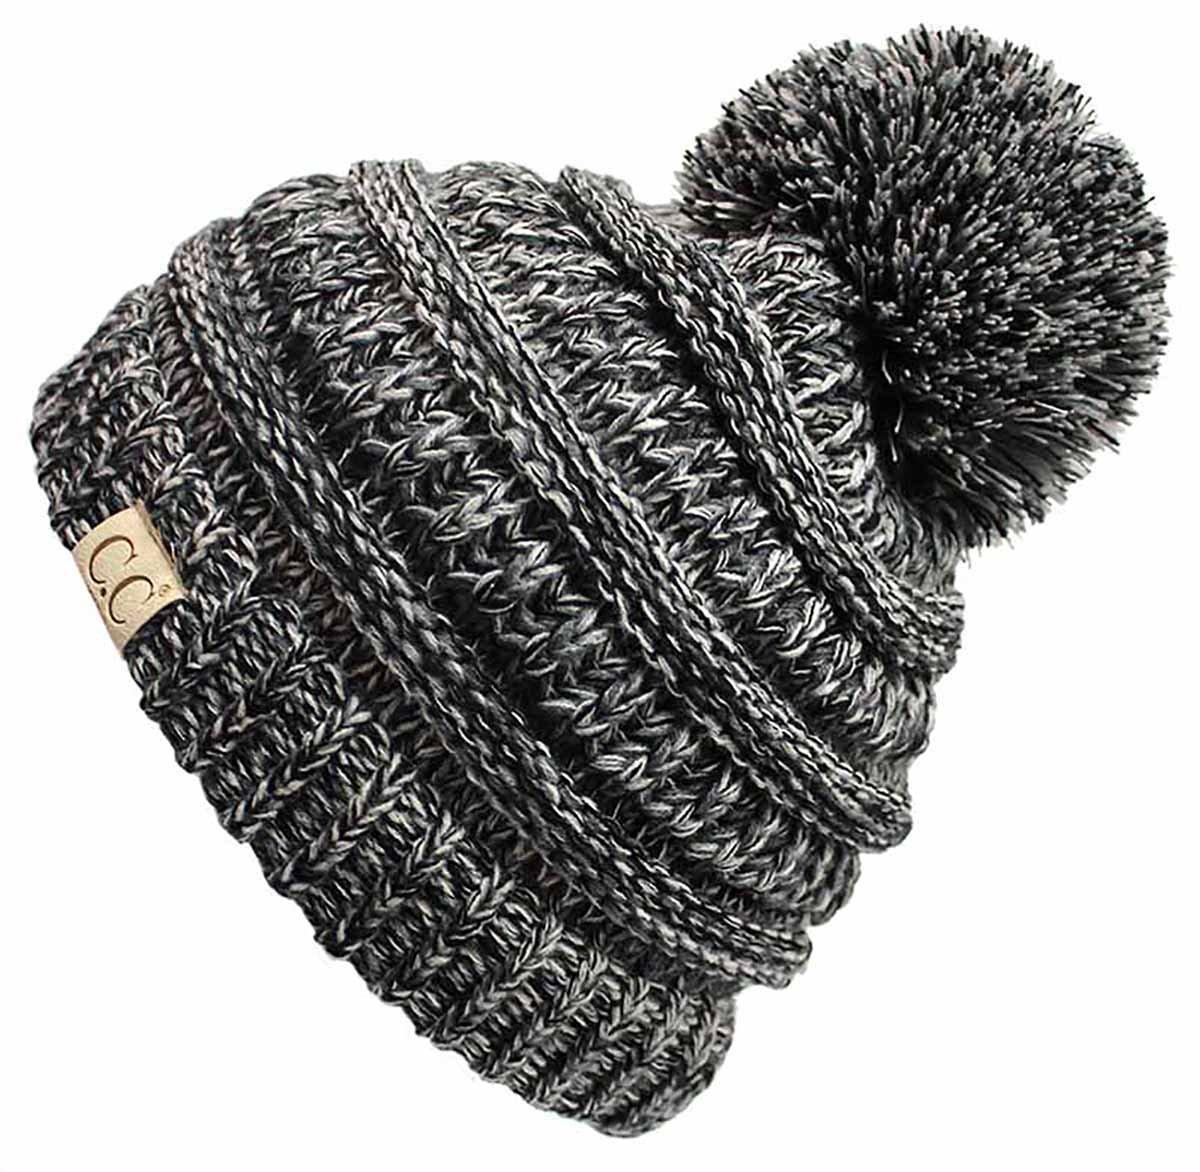 H-6847-816k.06 Girls Winter Hat Warm Knit Slouchy Kids Beanie Pom - Grey/Black #31